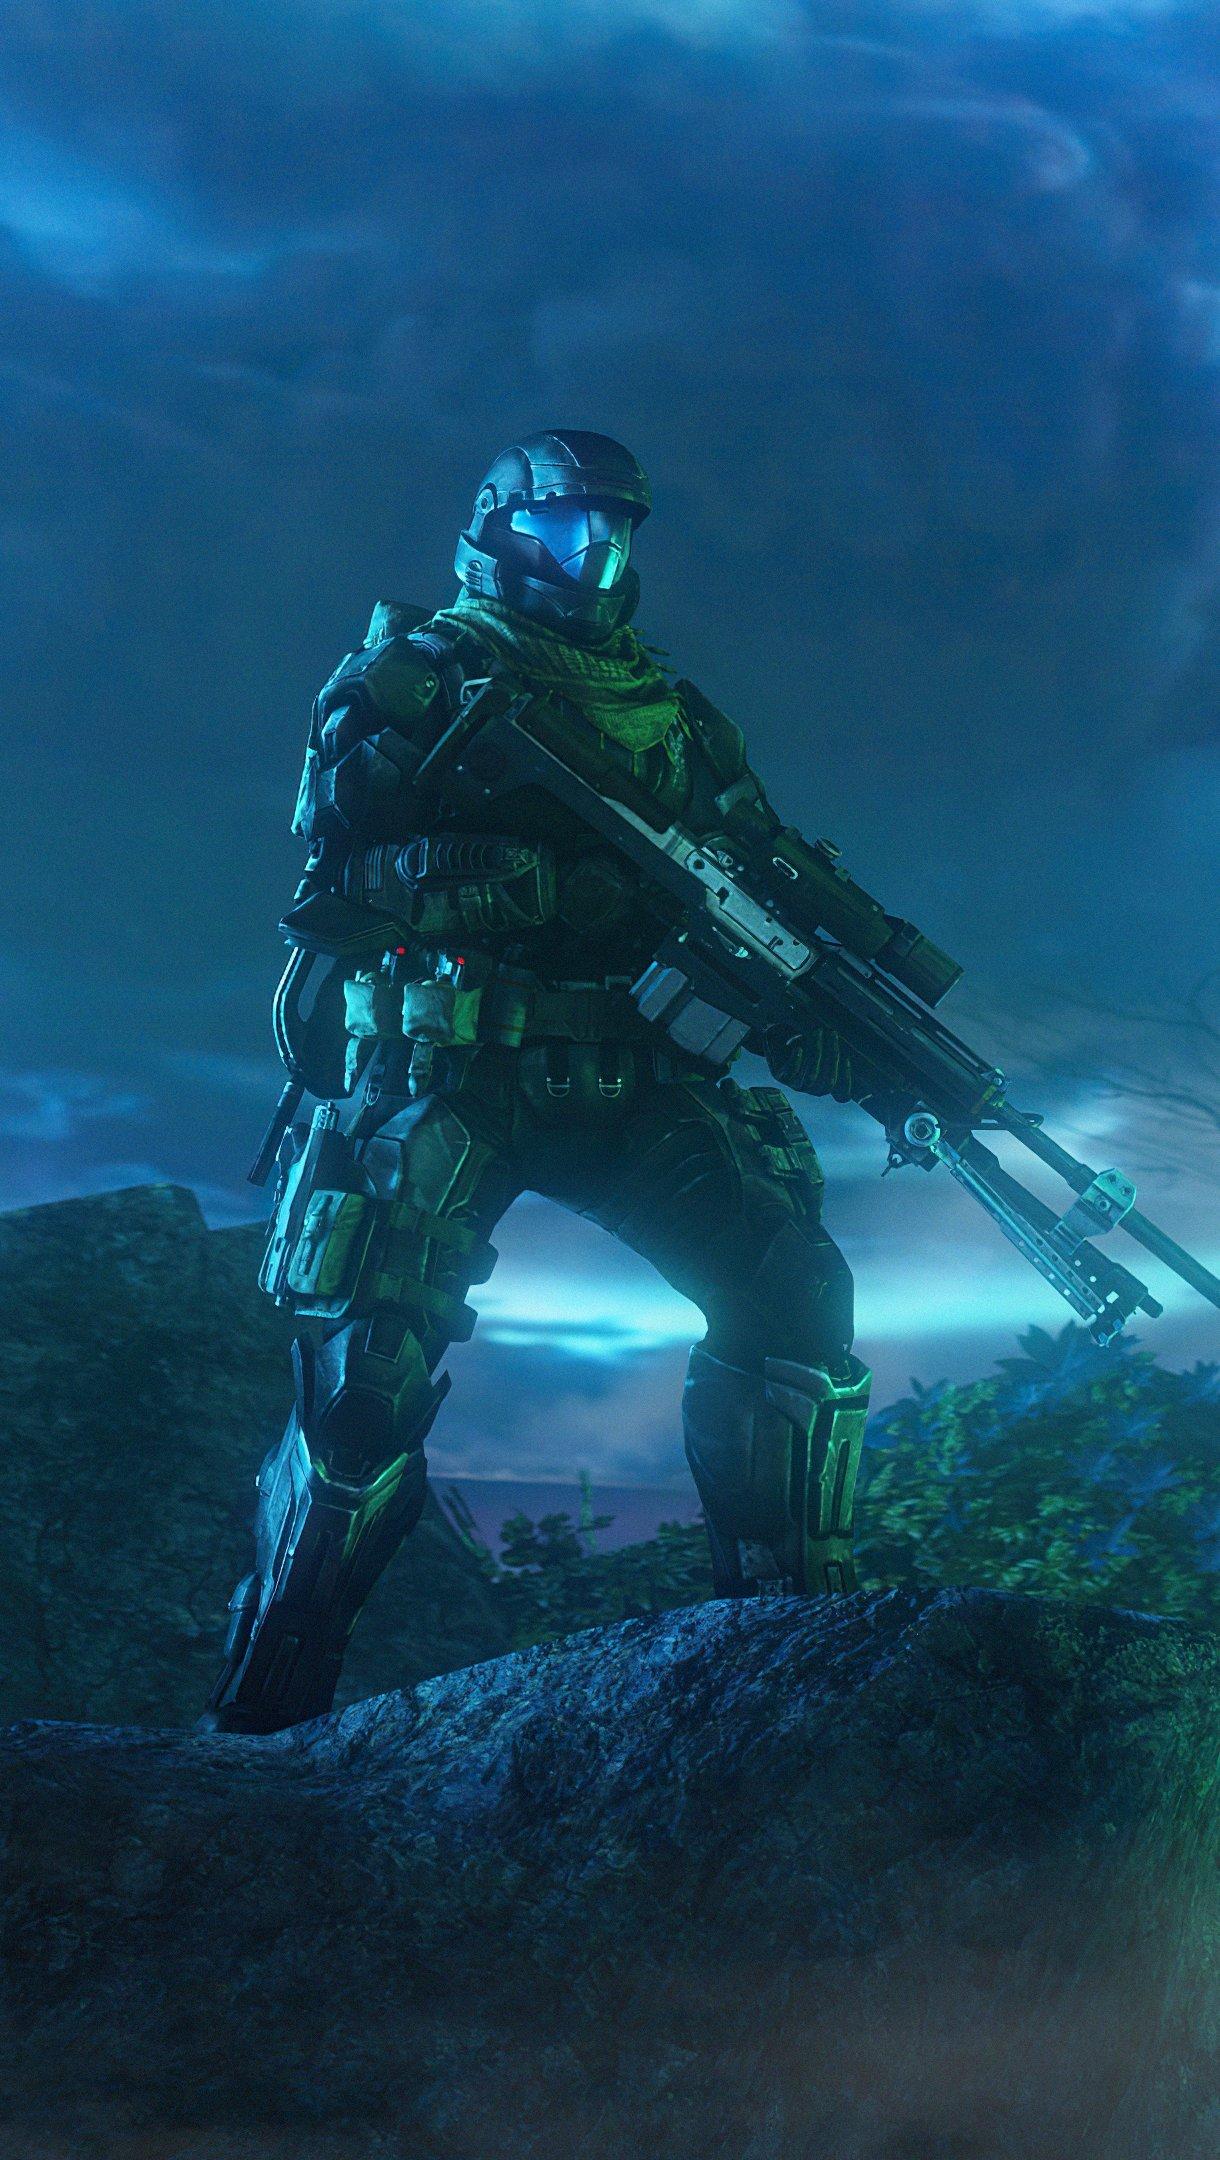 Fondos de pantalla Escena con neblina Halo Vertical